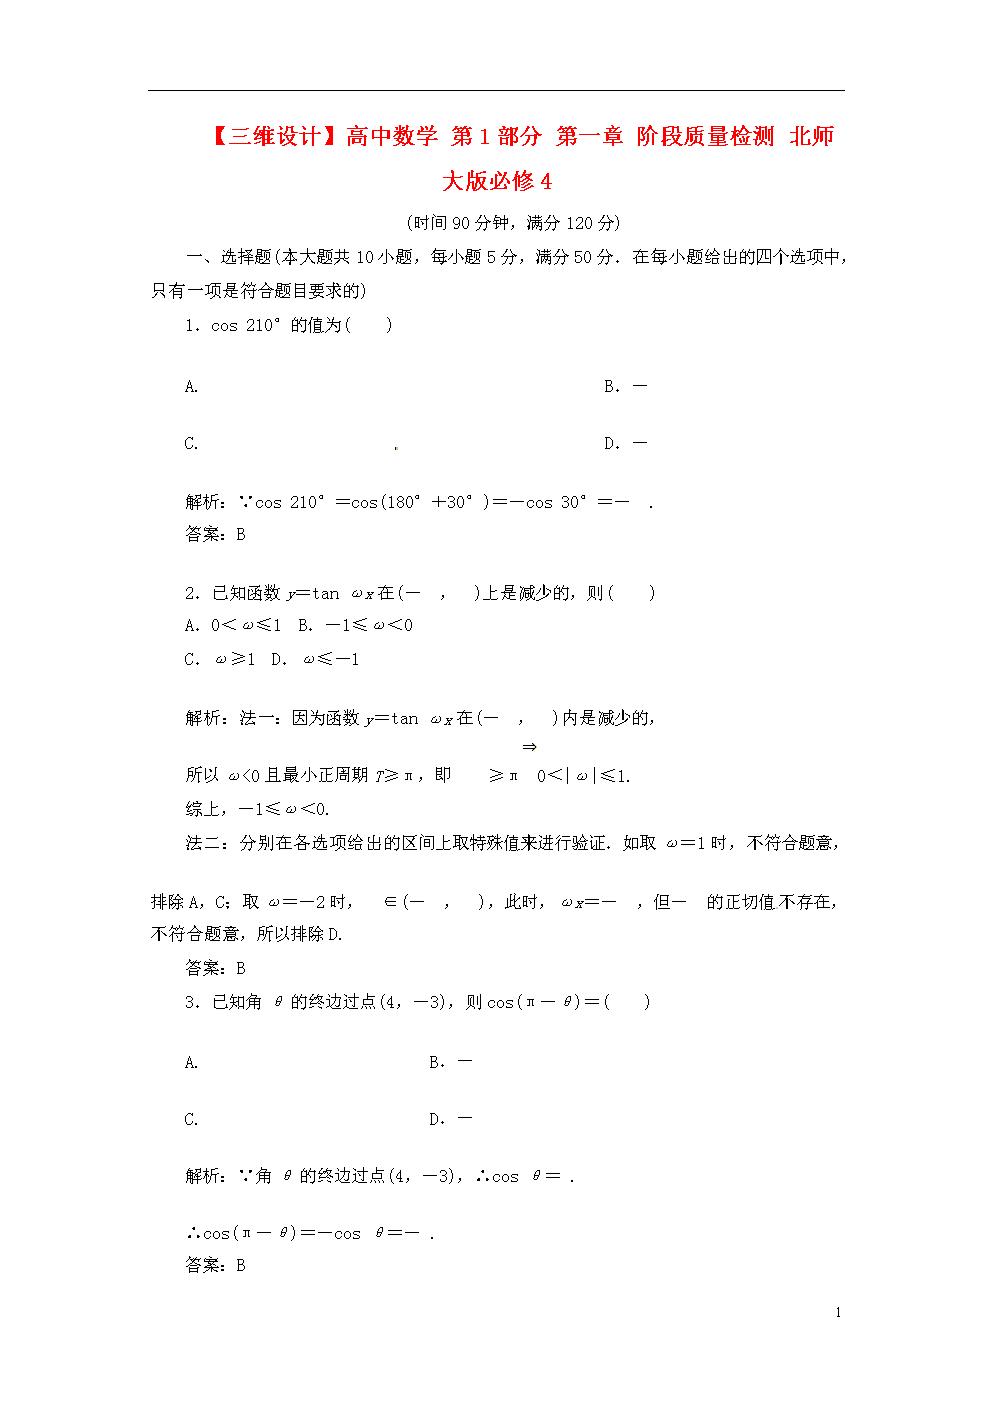 【三维设计】高中数学 第1部分 第一章 阶段质量检测 北师大版必修4.doc